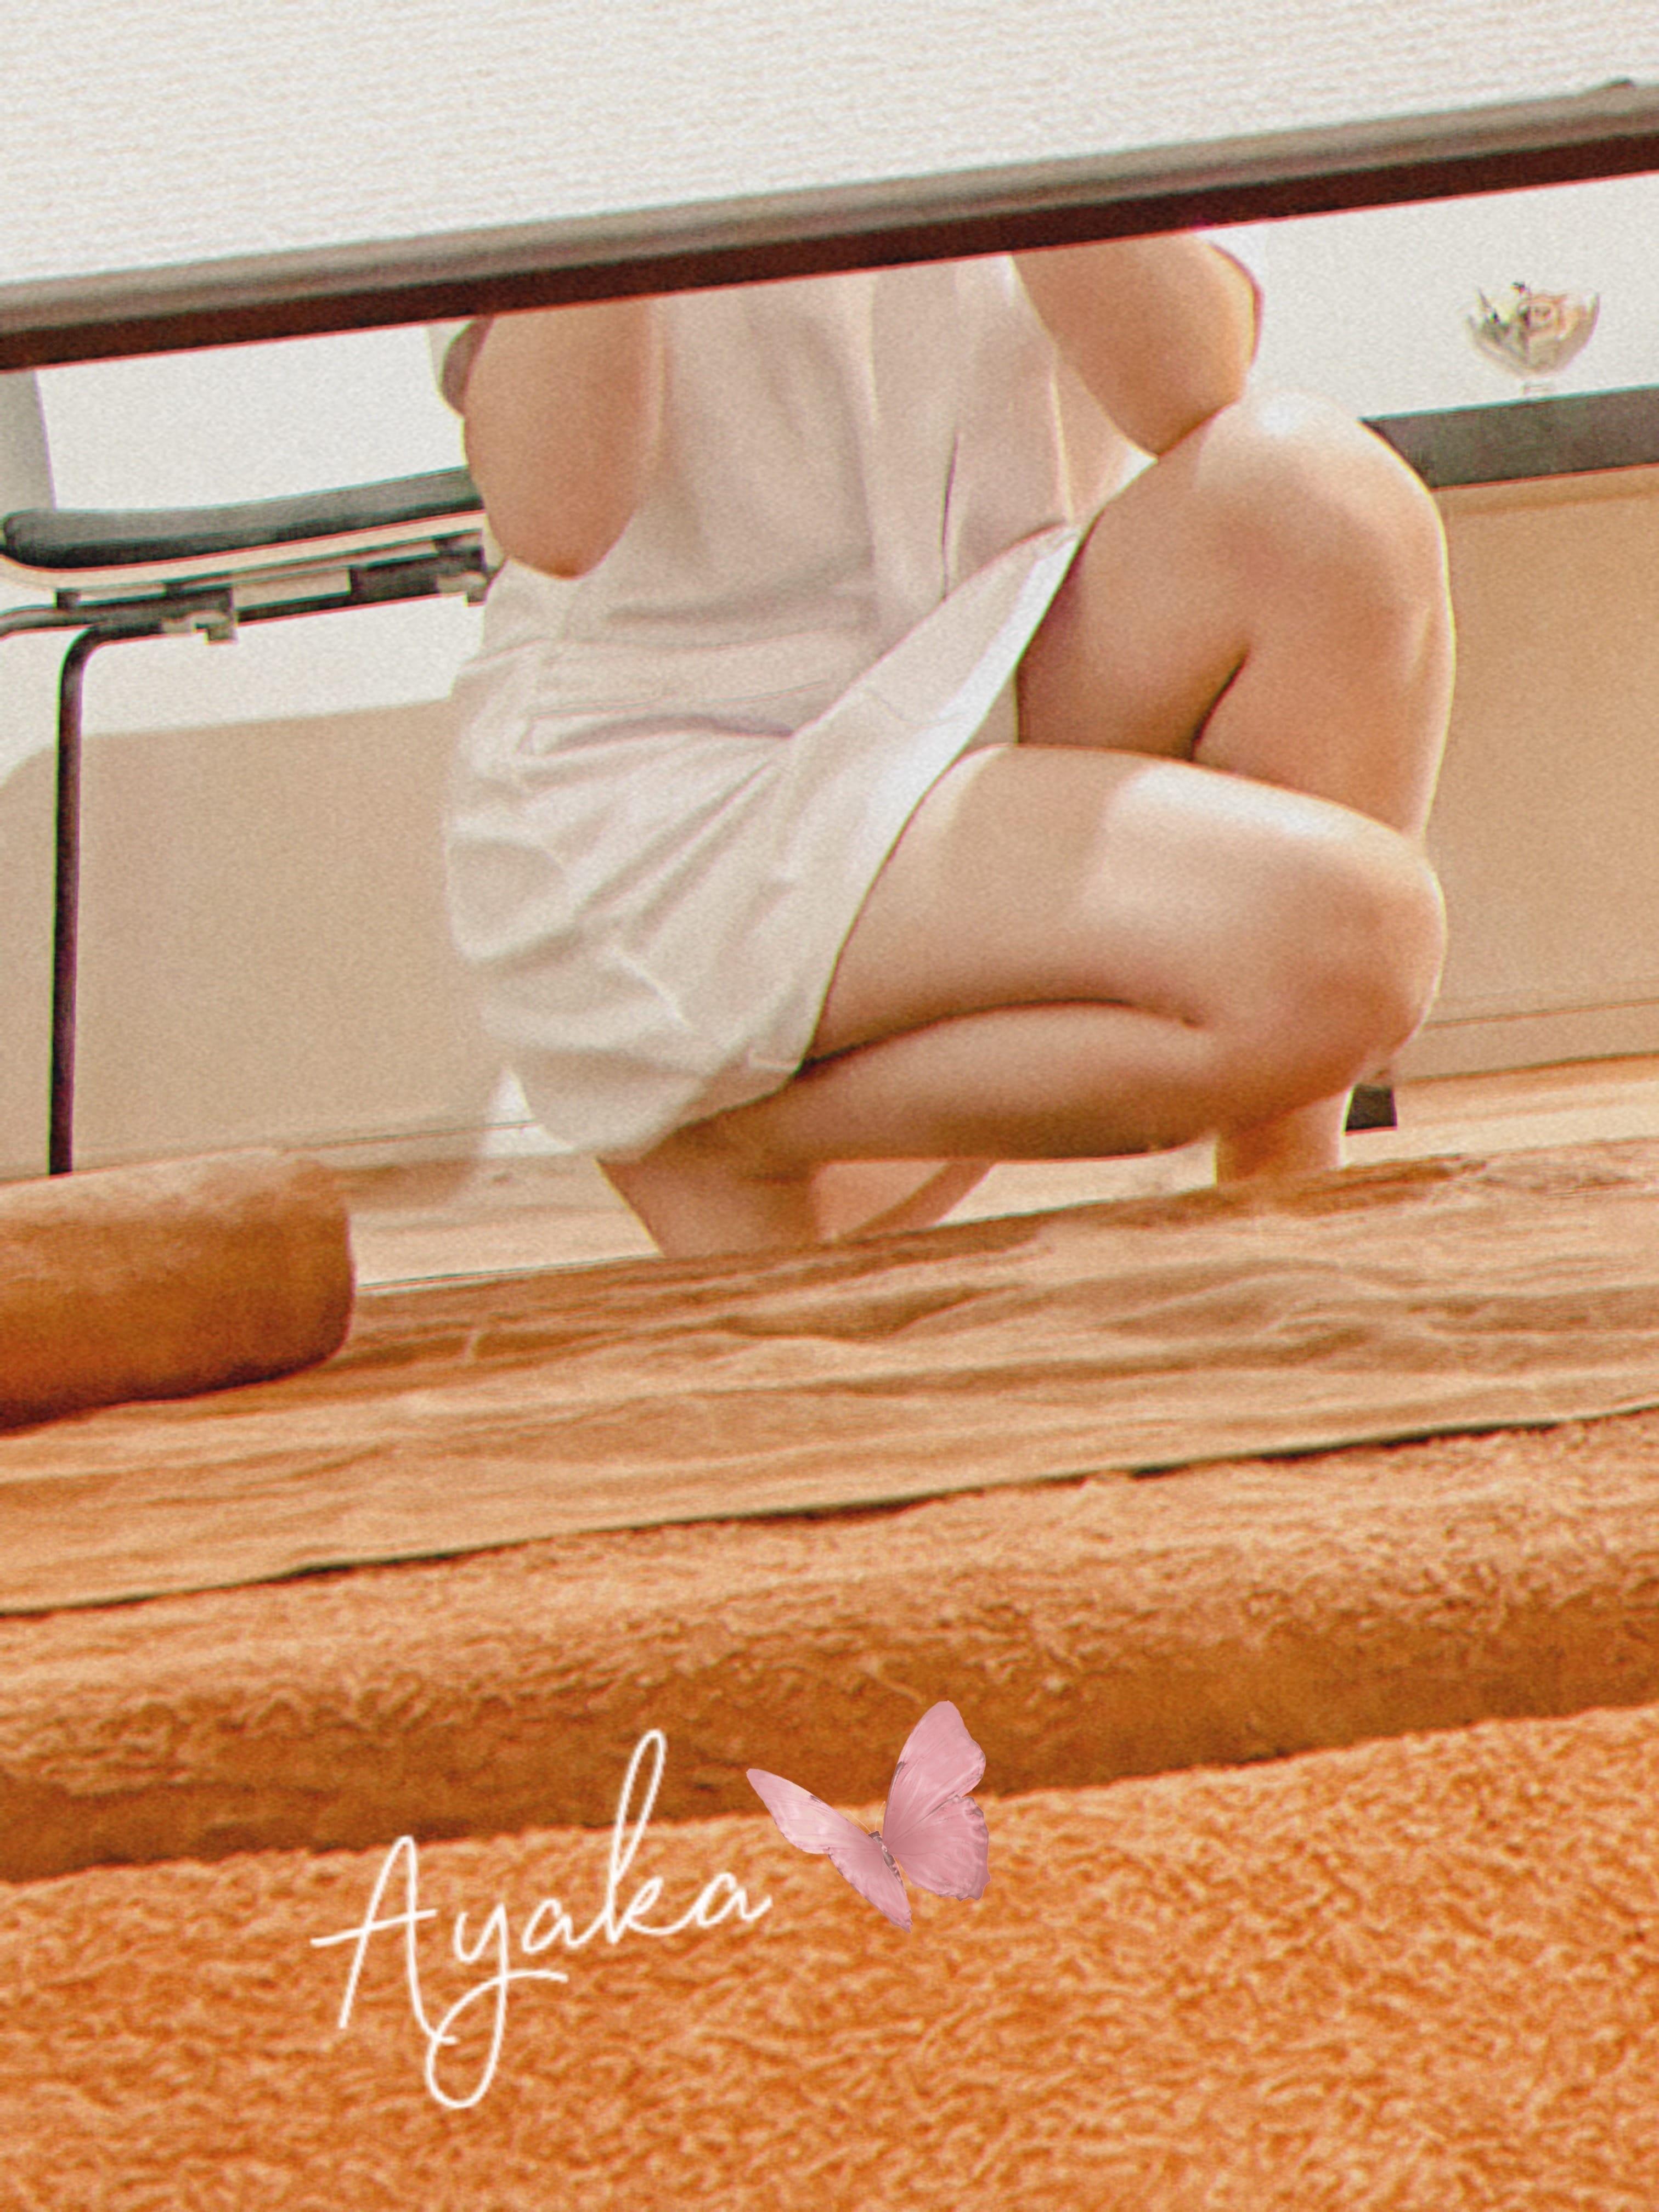 「本日もお待ちしてます♡♡」10/16(土) 09:49 | 綾香(あやか)の写メ日記